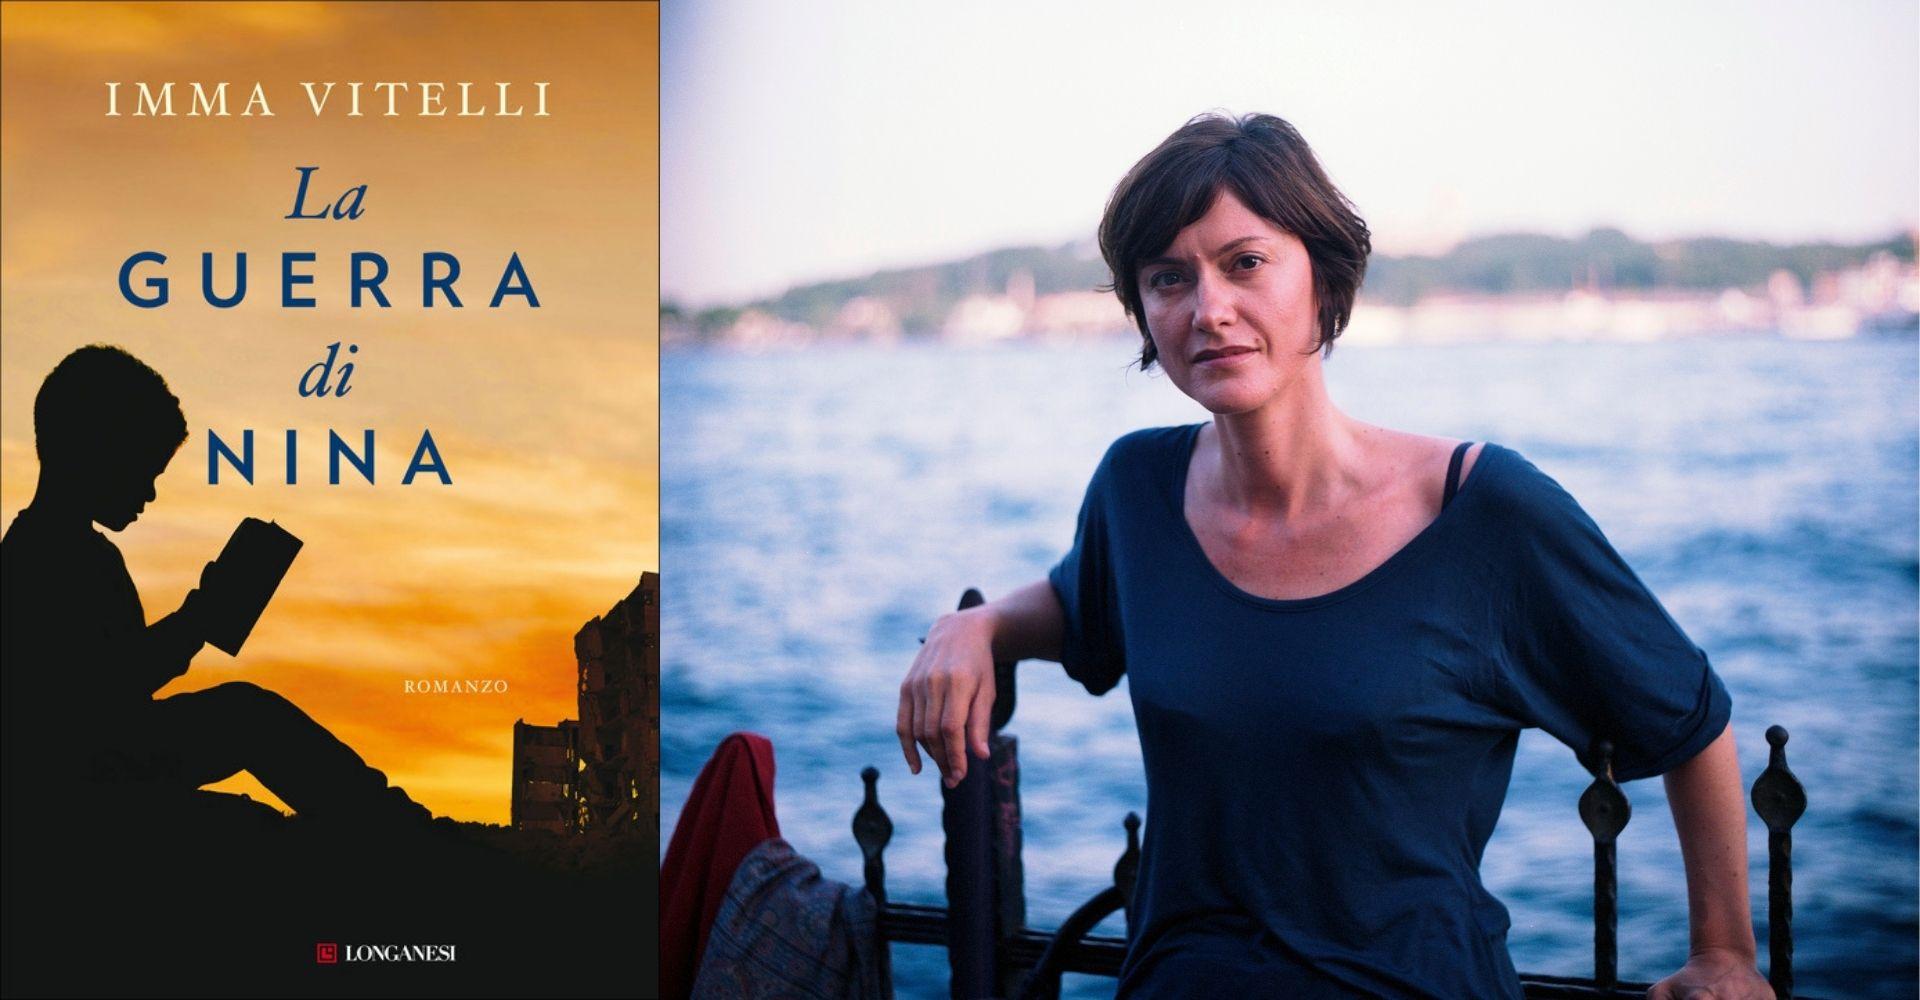 """Imma Vitelli: """"Scrivere 'La guerra di Nina' è stato catartico, mi ero ammalata di guerra"""""""